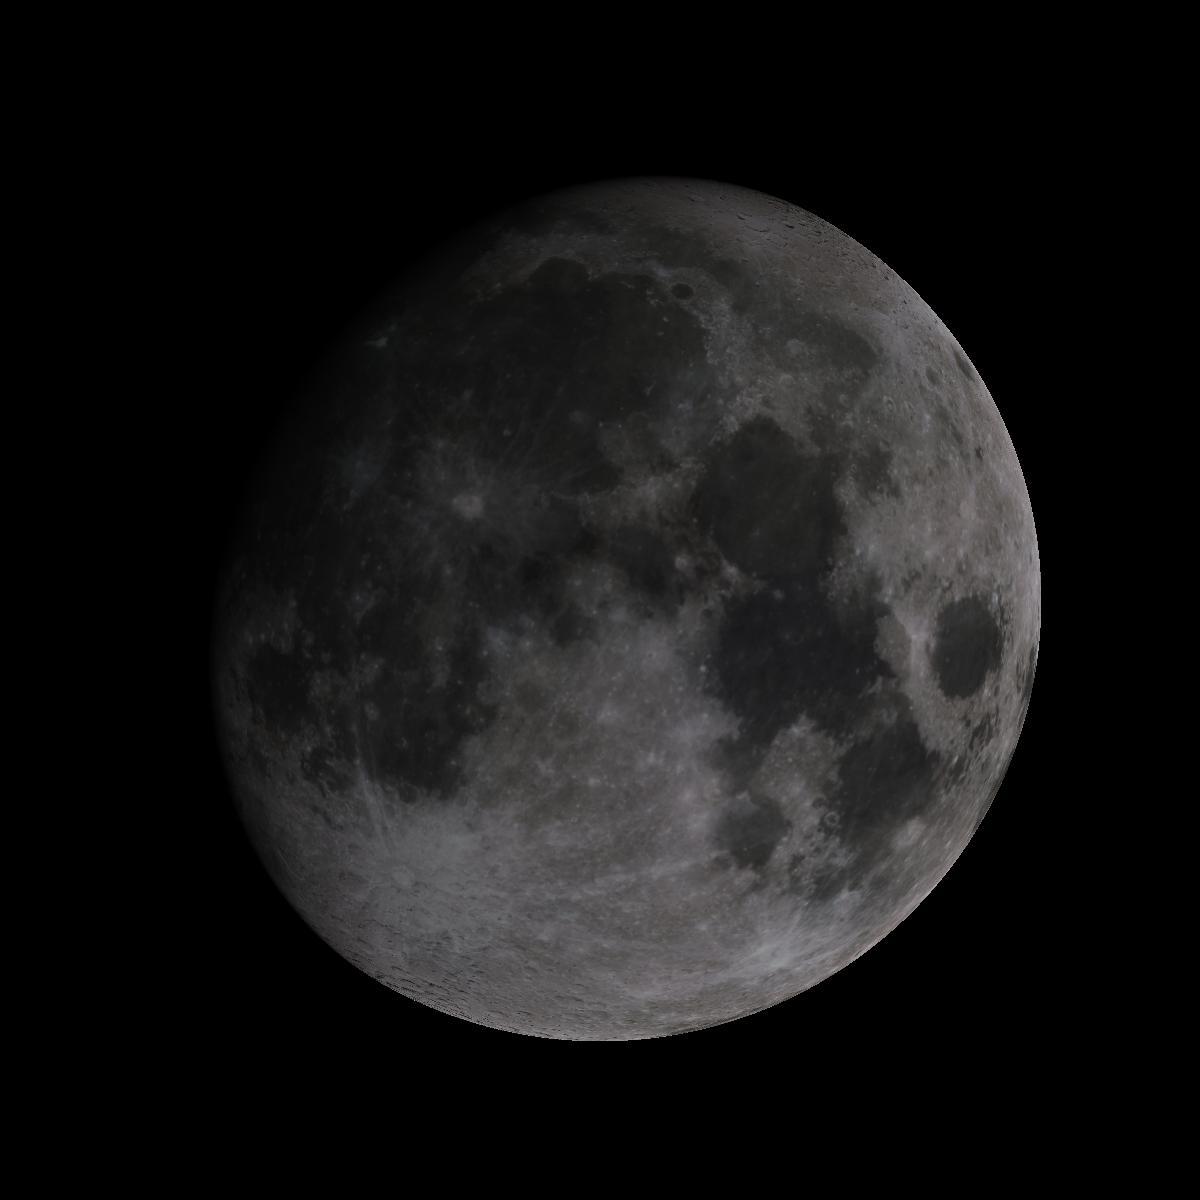 Lune du 11 octobre 2019